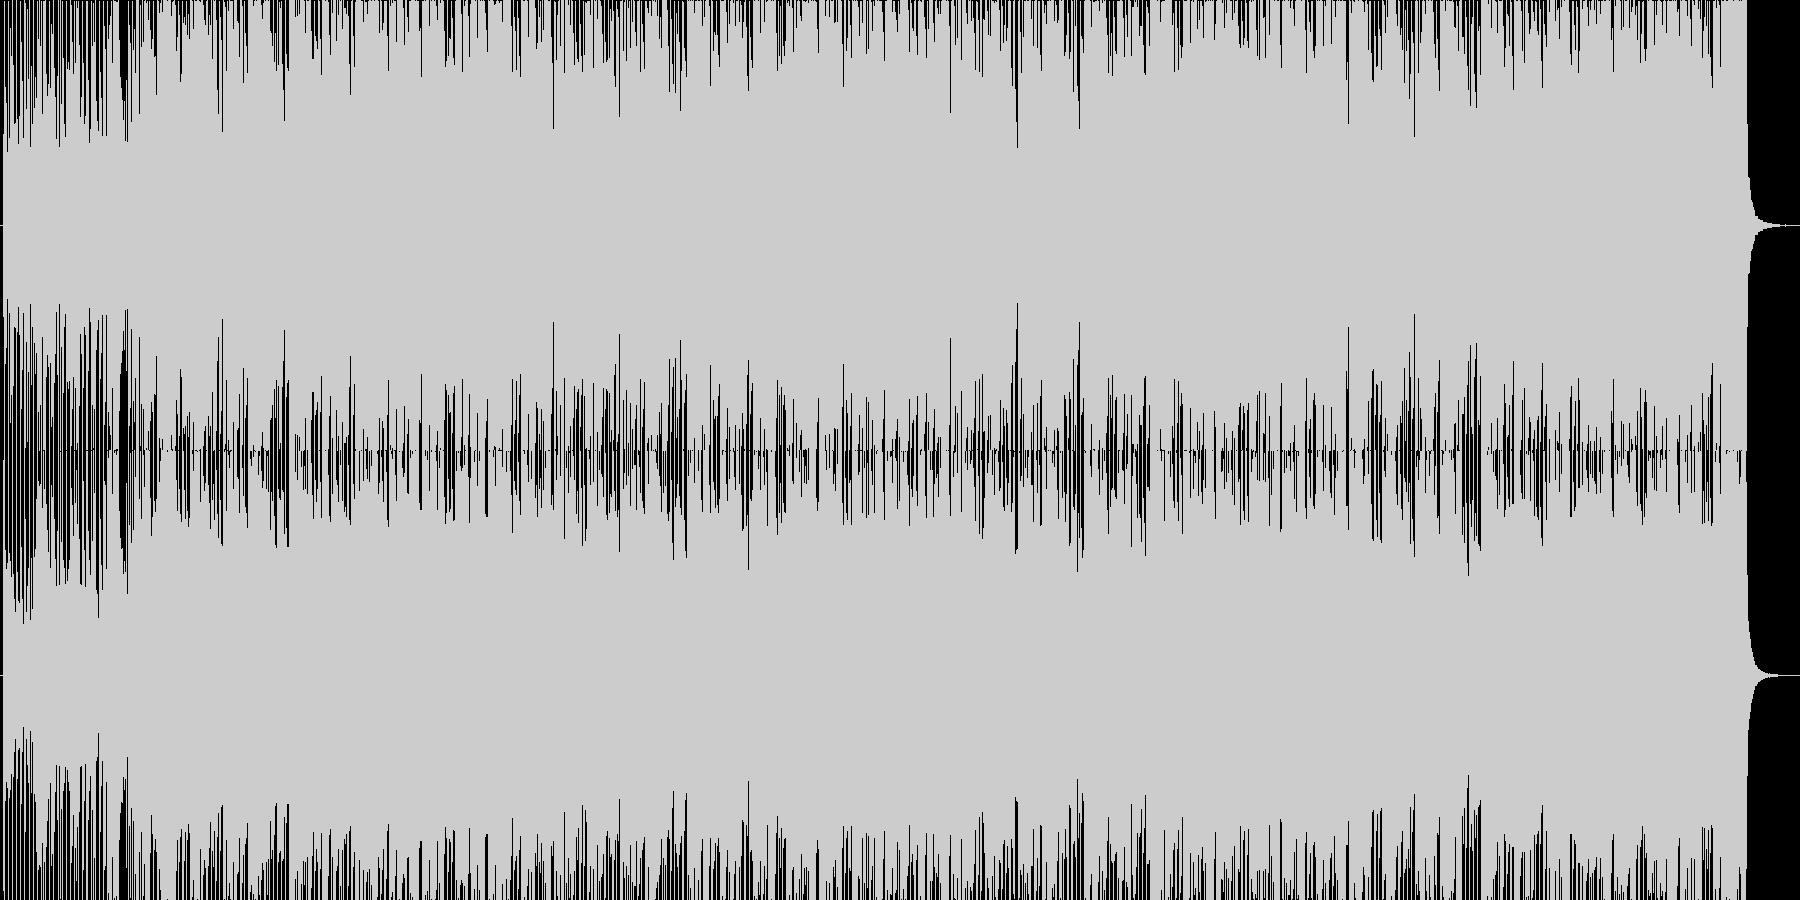 疾走感ある爽やかロック☆メロ有・長尺の未再生の波形